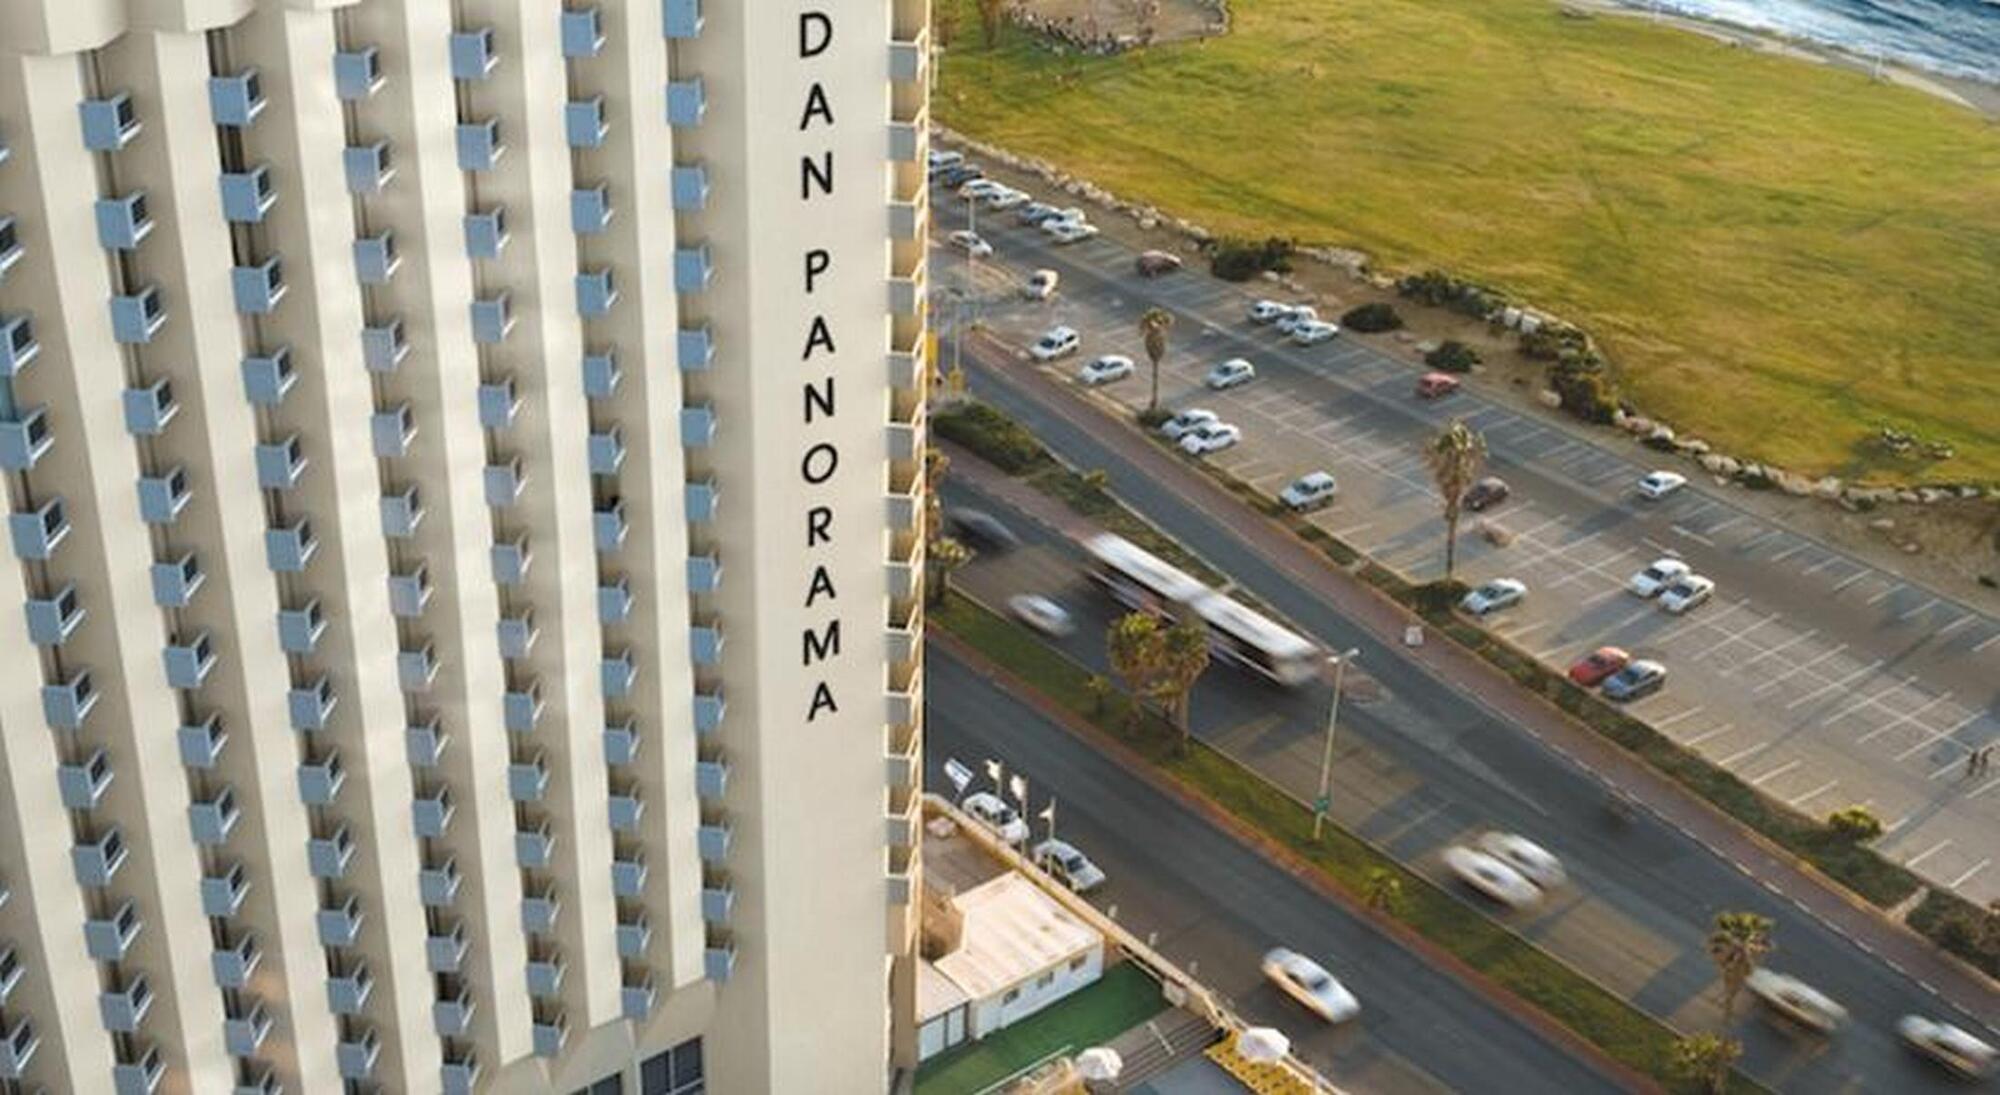 Dan Panorama Tel Aviv Image 10